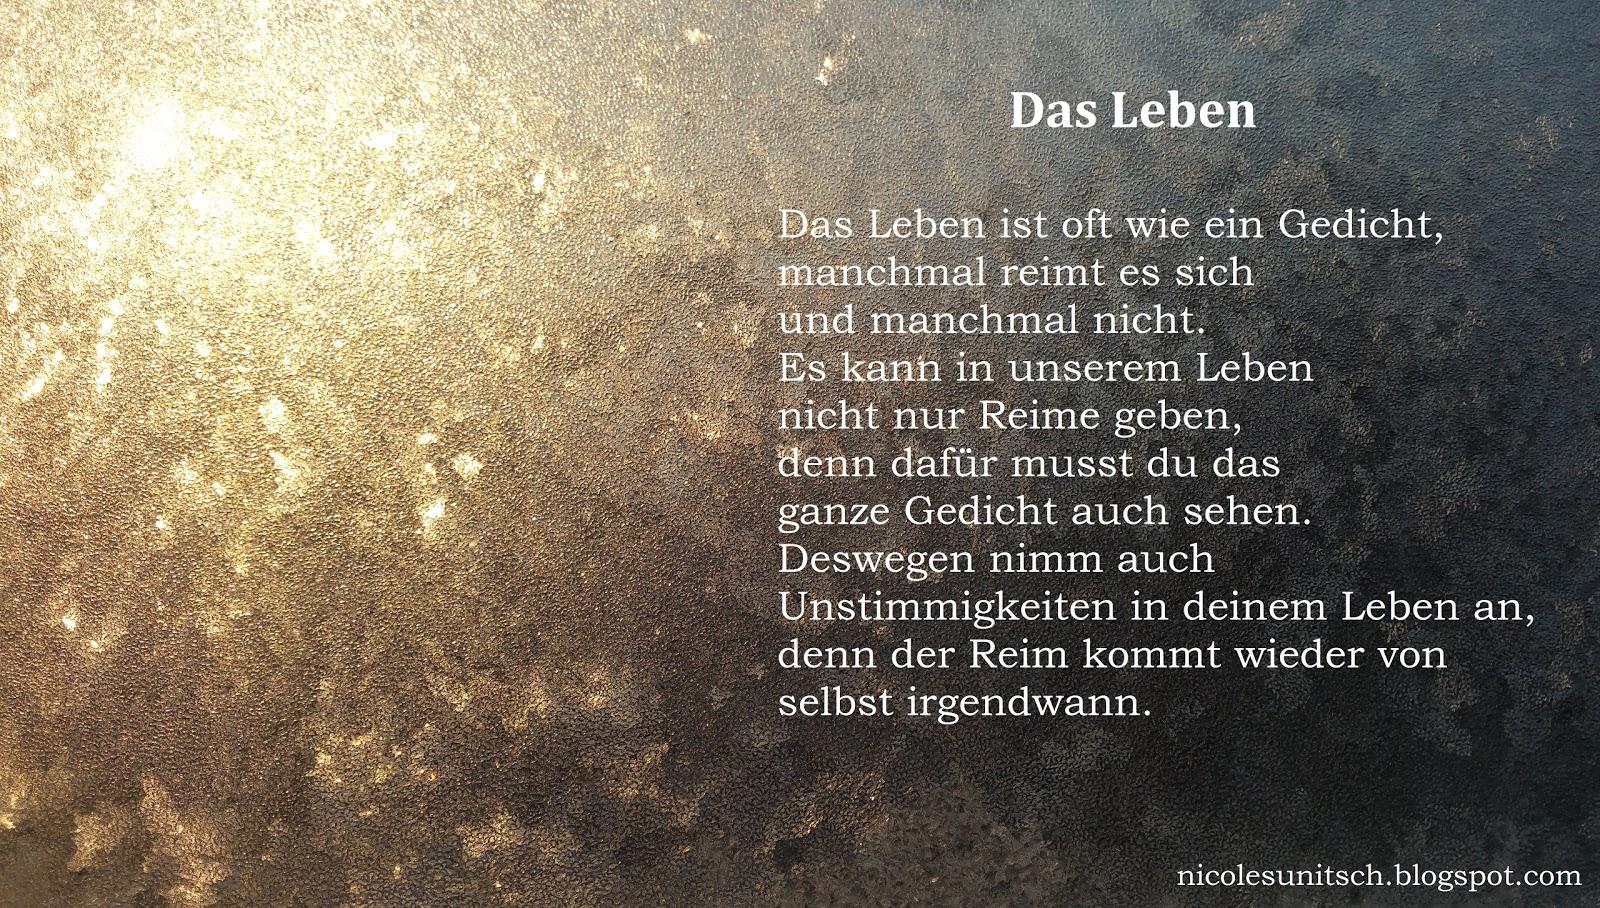 Gedichte Von Nicole Sunitsch Autorin Das Leben Gedicht Von